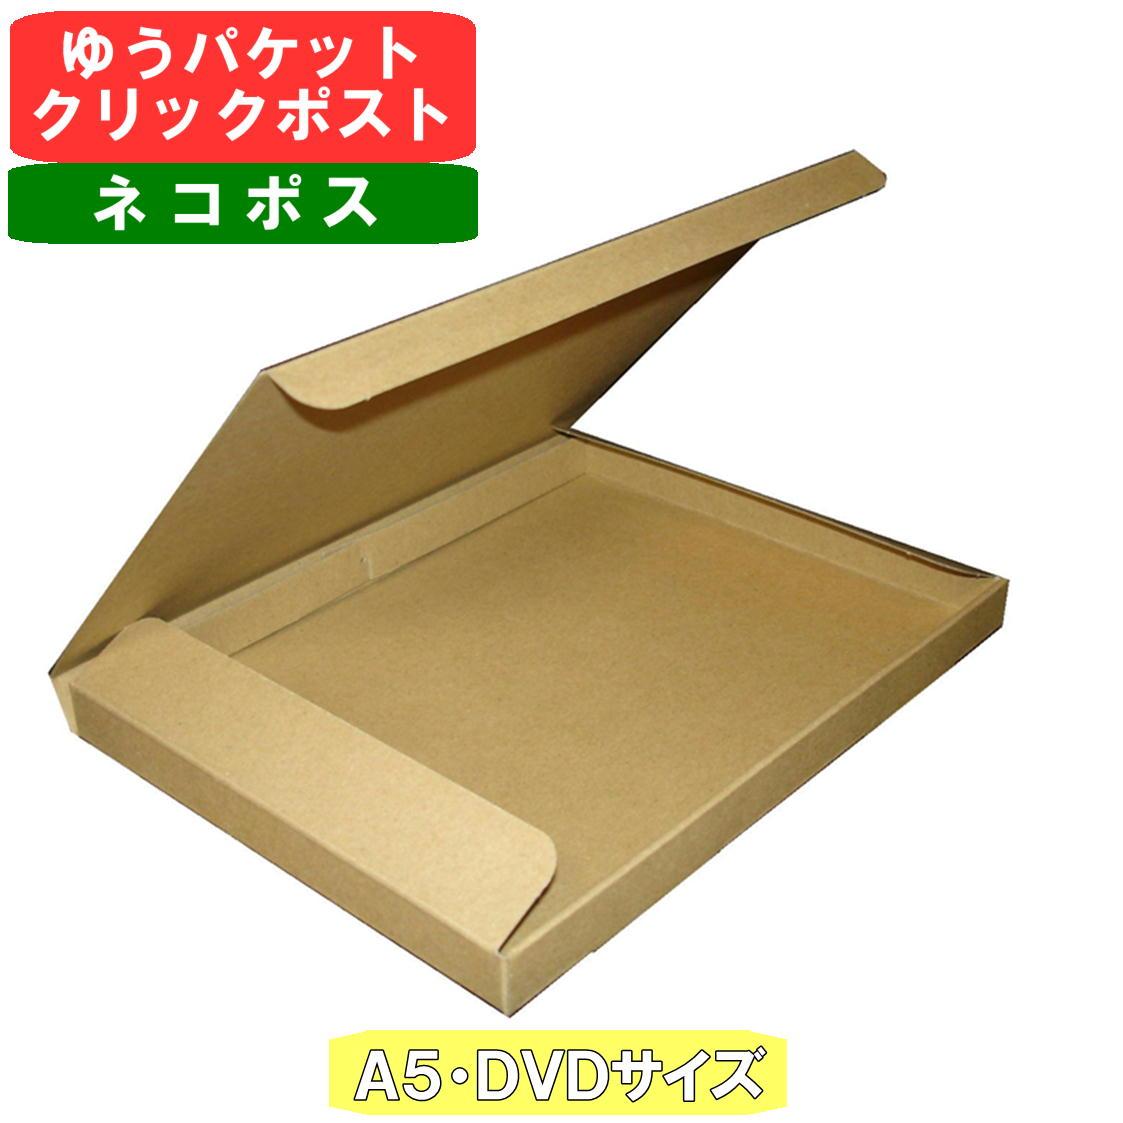 【送料無料】メール便 A5・DVD 用 ダンボール/段ボール 400枚※西濃運輸での配送となります※※沖縄と離島は対象外となります※